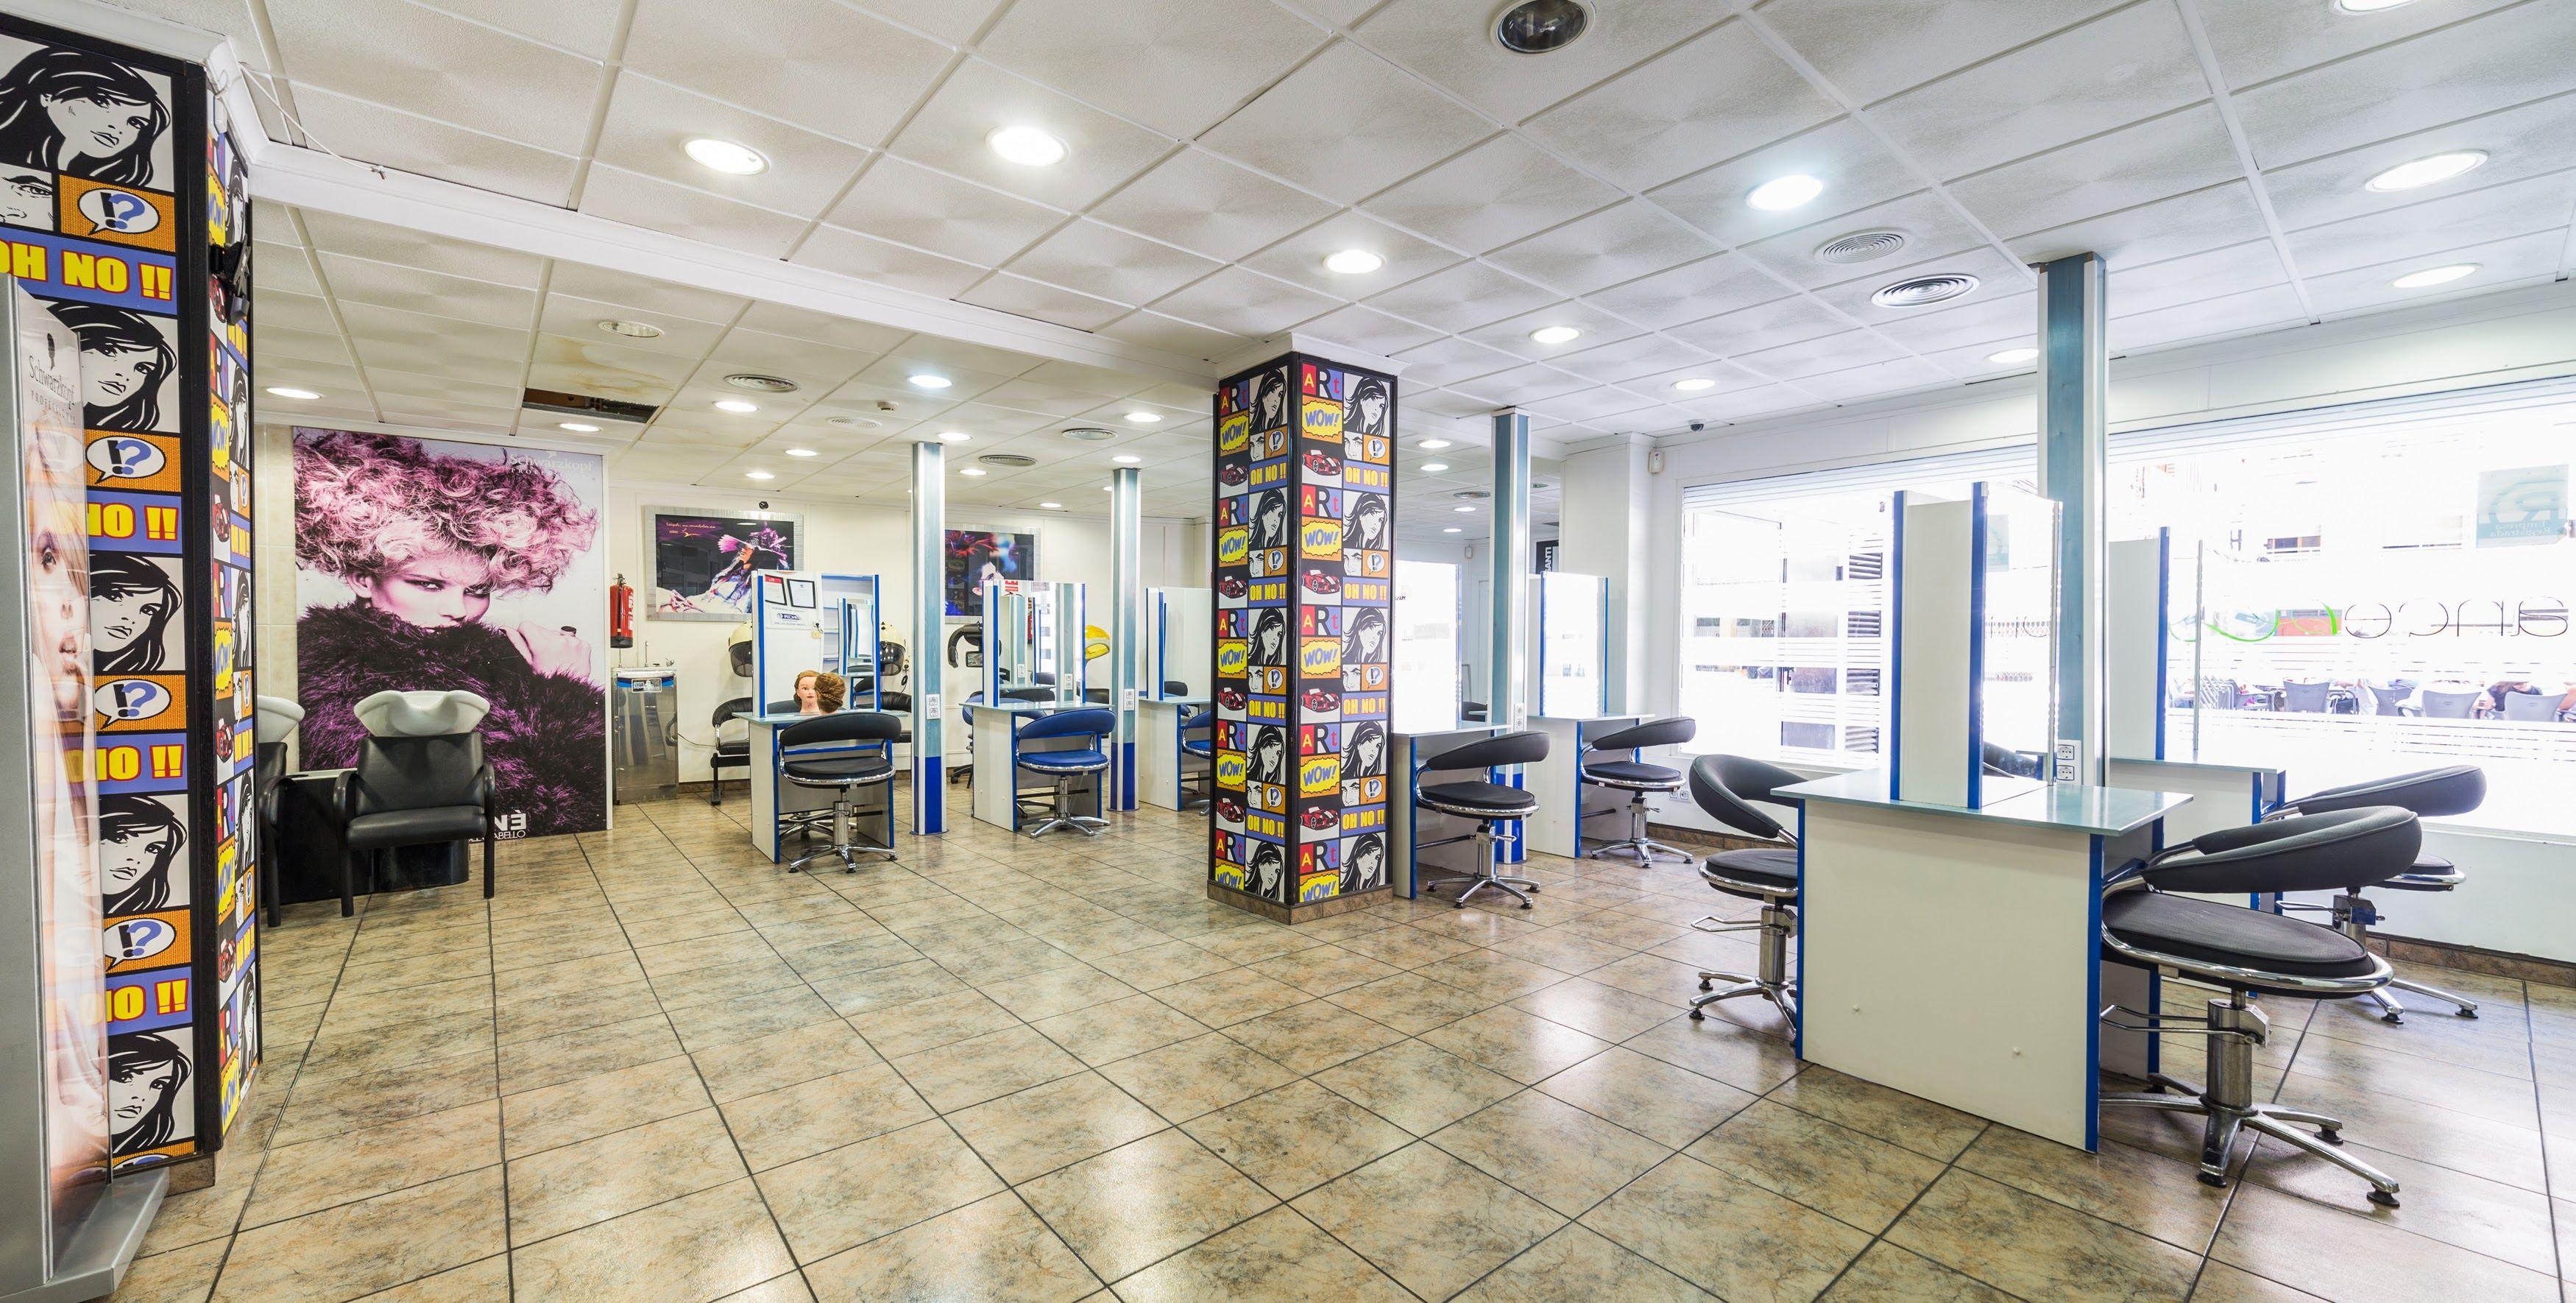 Foto 5 de Academia de peluquería y estética en Albacete | Centro de Formación de Peluquería y Estética Virgen de los Llanos Moliné